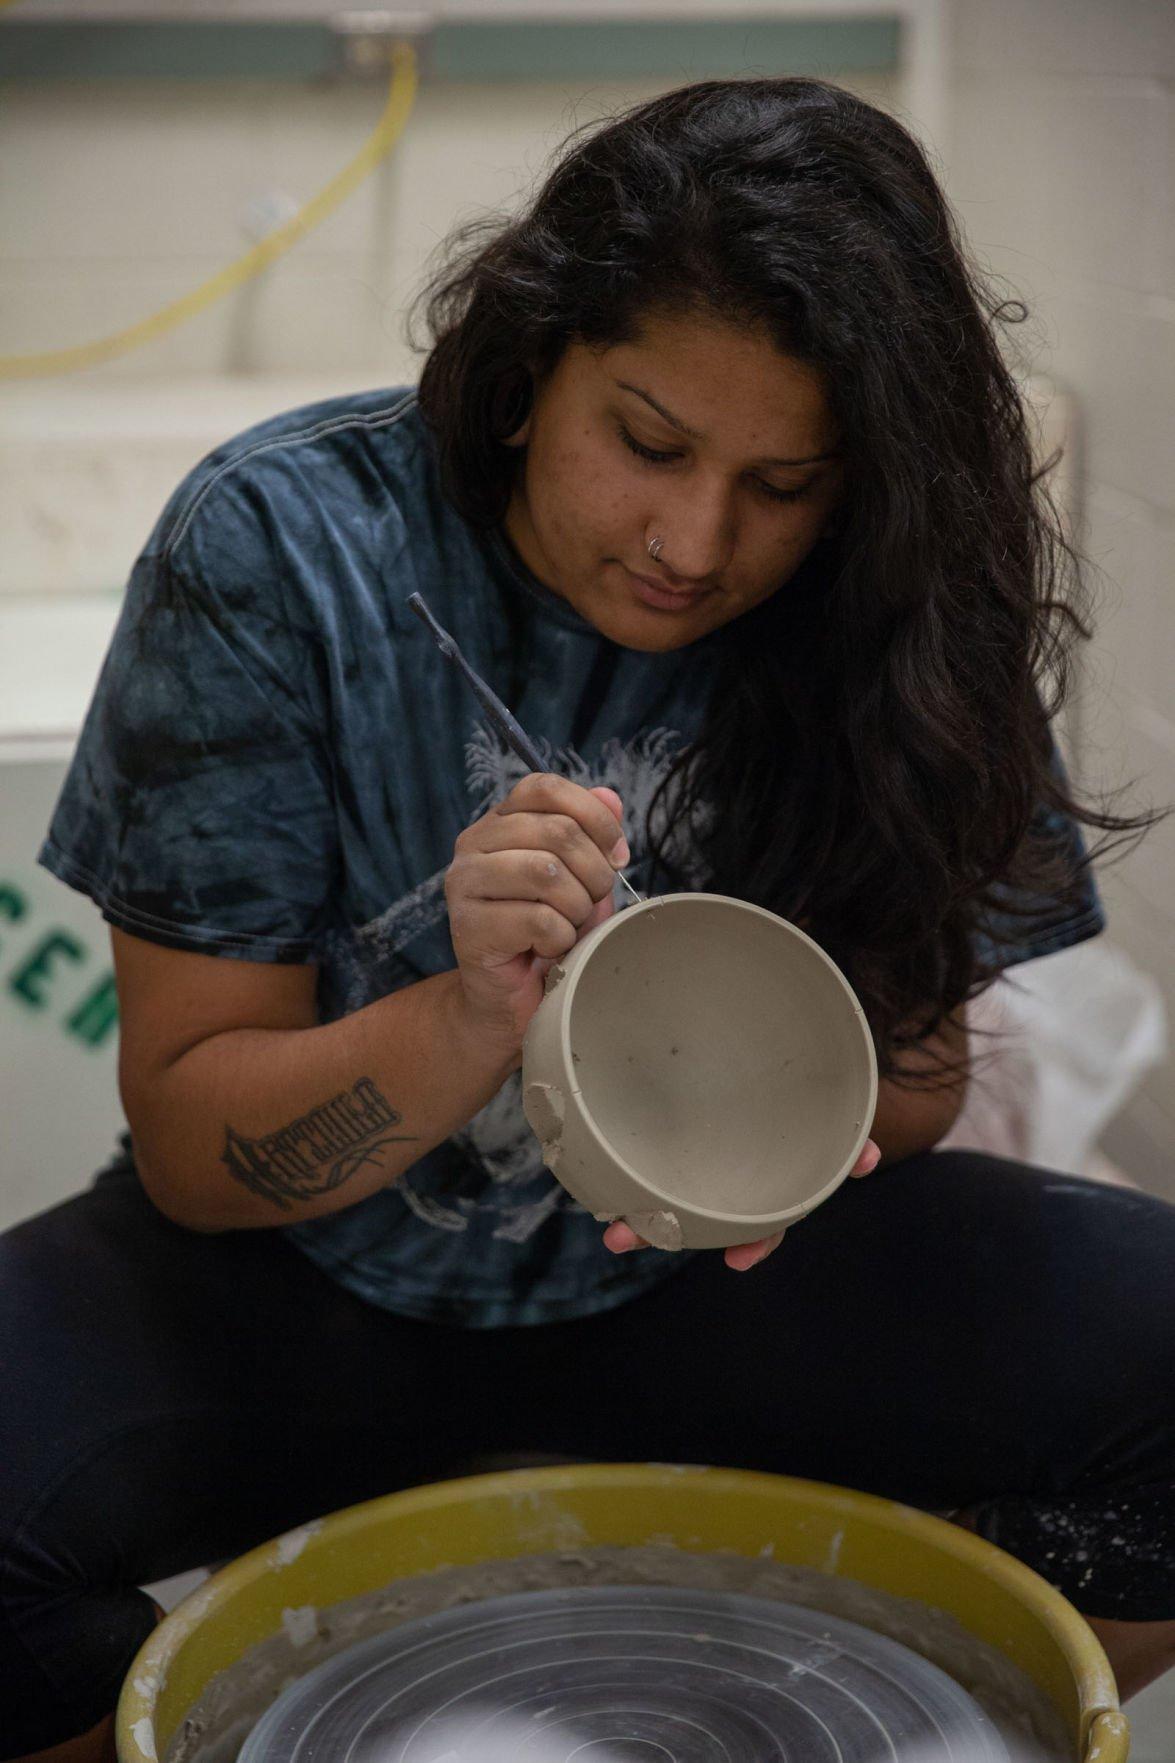 ceramics_student-2.jpg